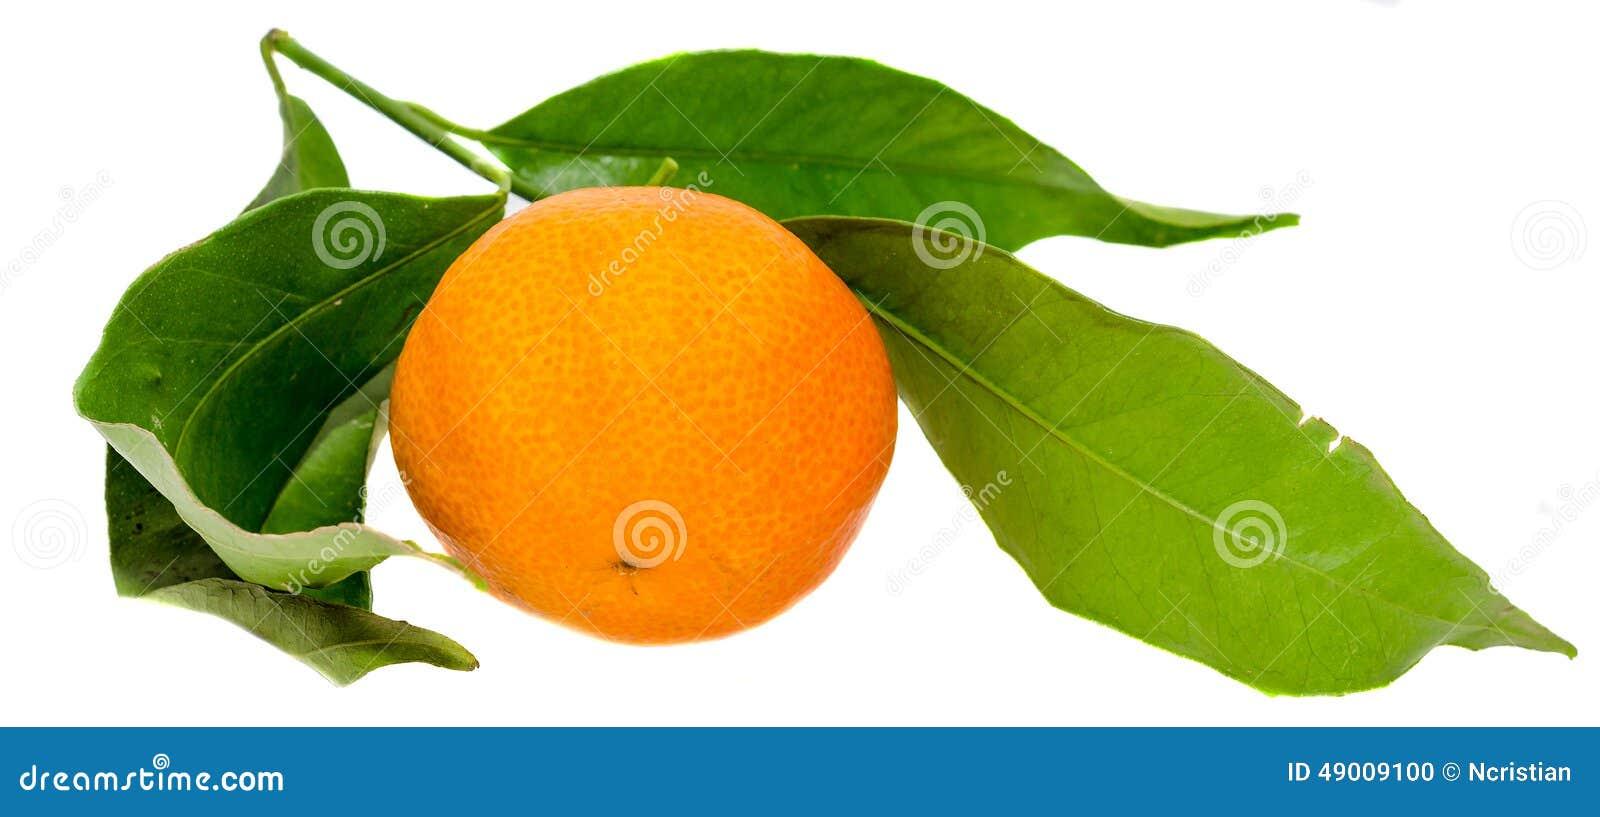 Апельсин мандарина (reticulata цитруса), также известный как мандарин или мандарин, изолированная, белая предпосылка